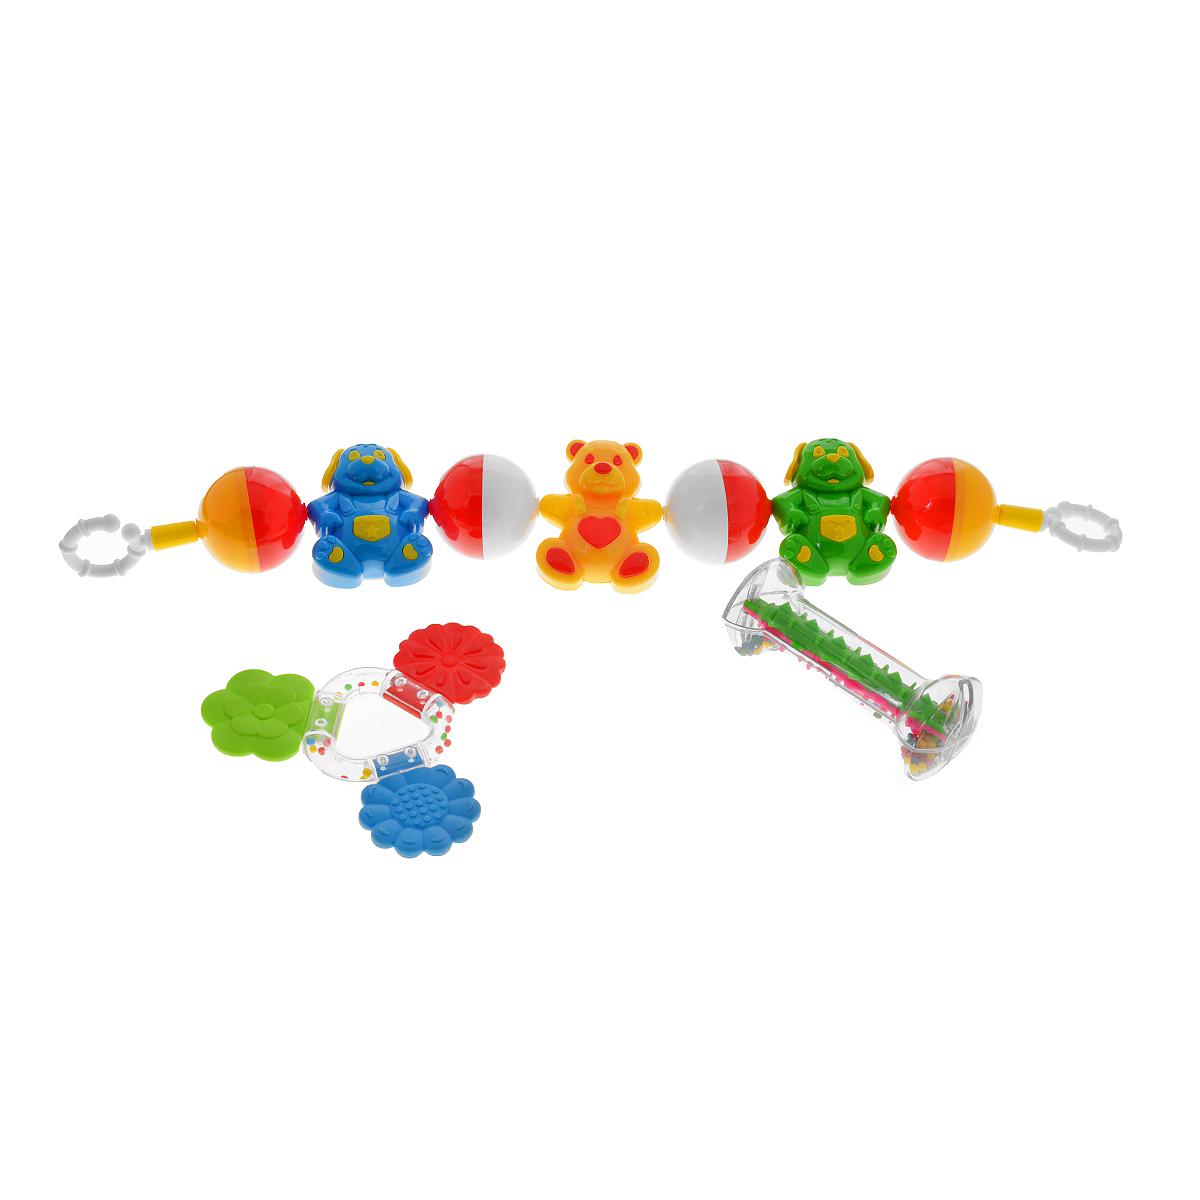 Подарочный набор Stellar Погремушки , цвет в ассортименте, Первые игрушки  - купить со скидкой